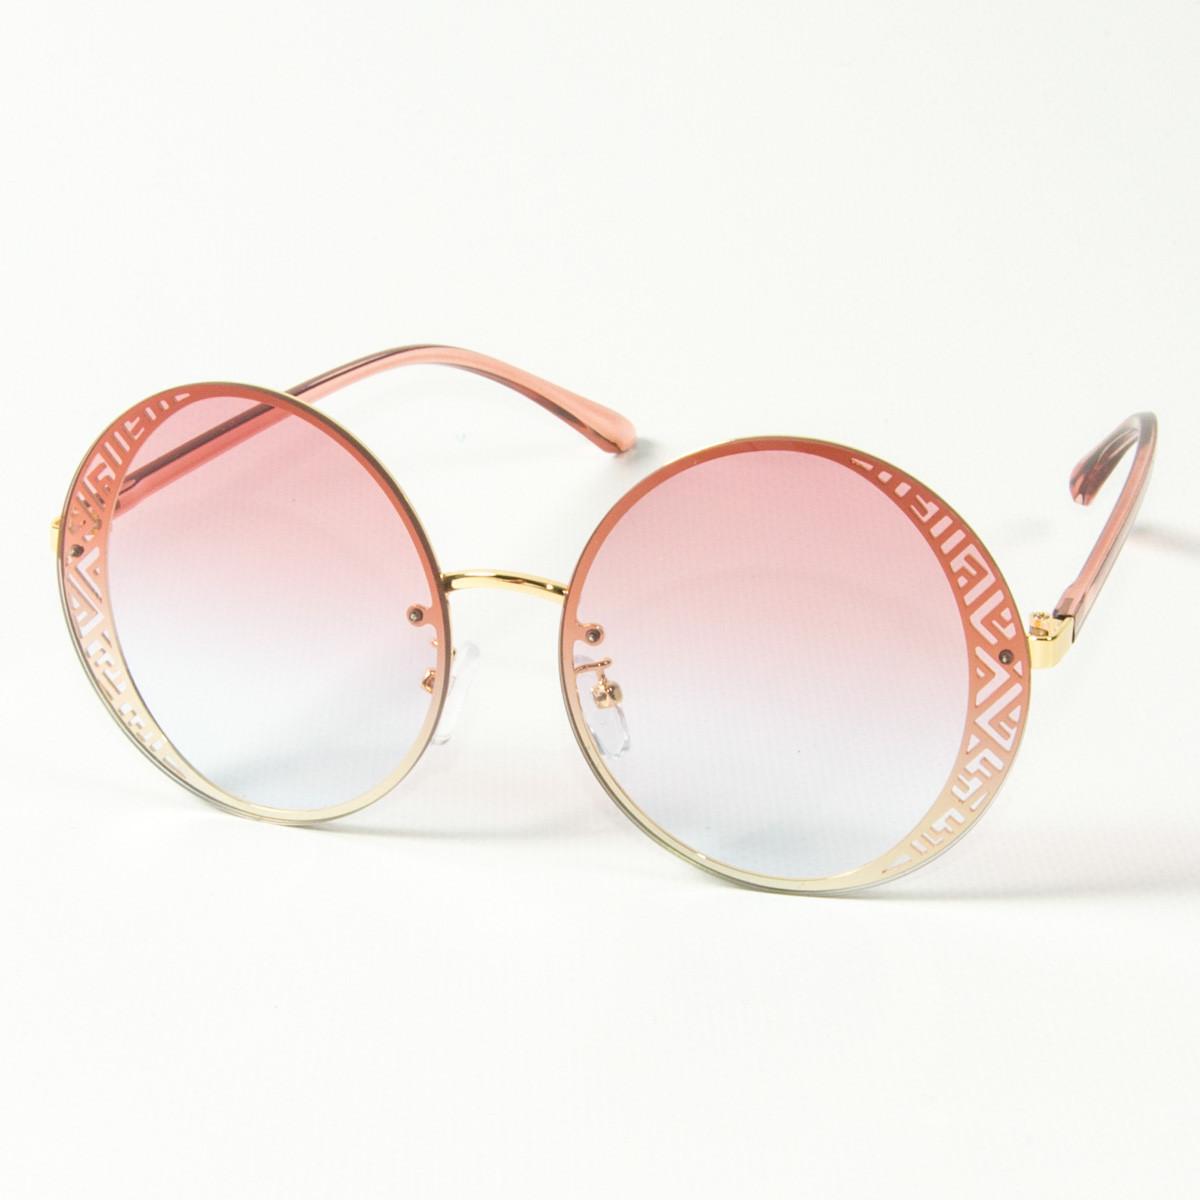 Оптом женские солнцезащитные круглые очки  (арт. 80-664/2) розовые